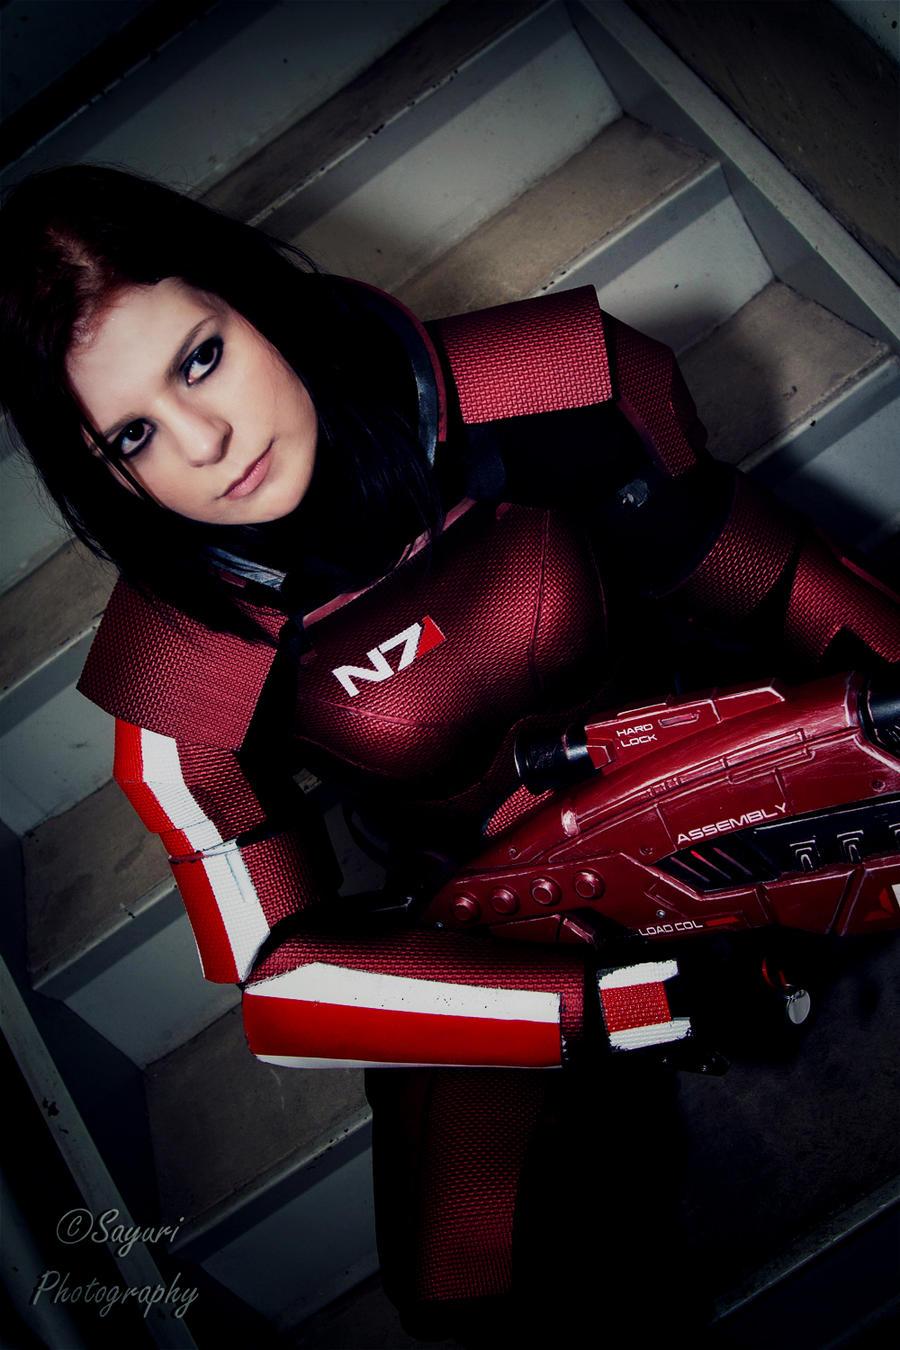 Mass Effect 3: Commander Shepard by VariaK